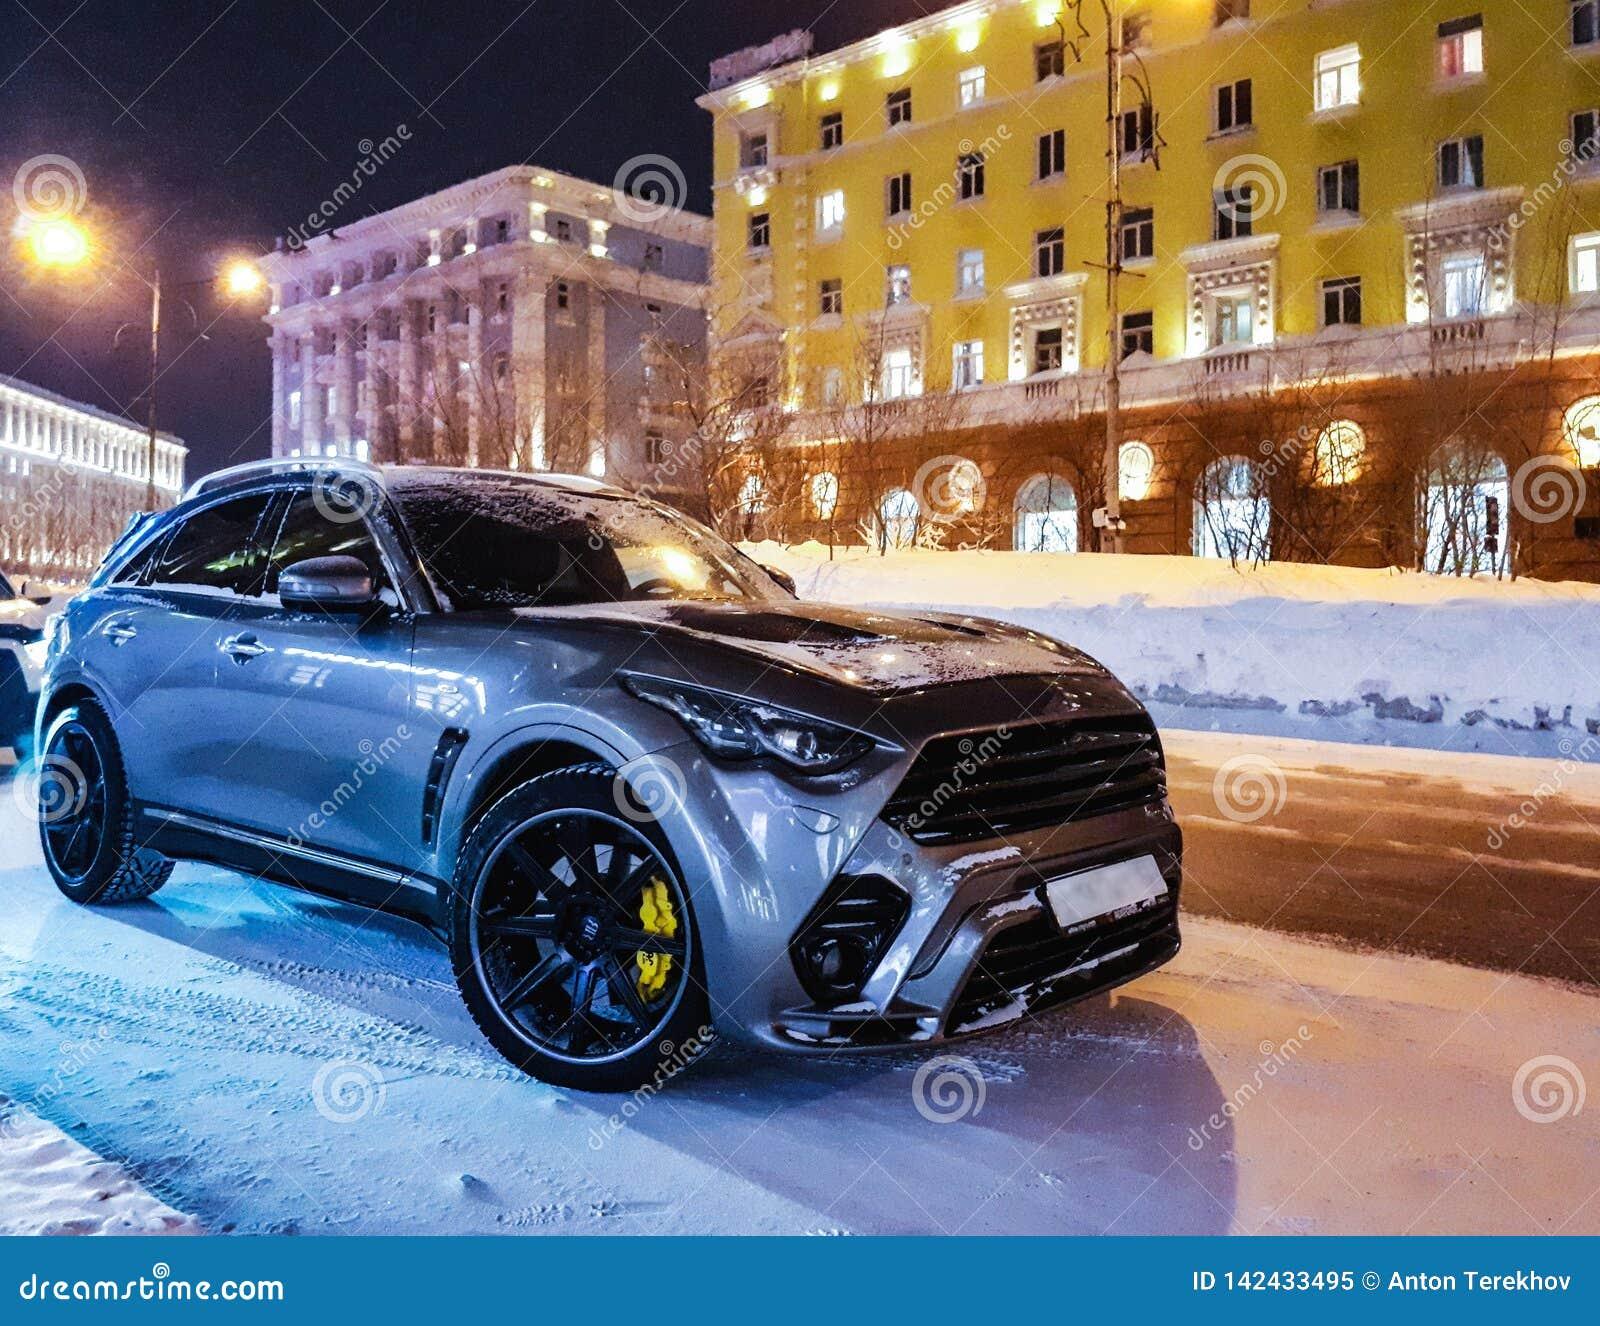 Δροσερό αυτοκίνητο σε μια χιονώδη οδό τη νύχτα